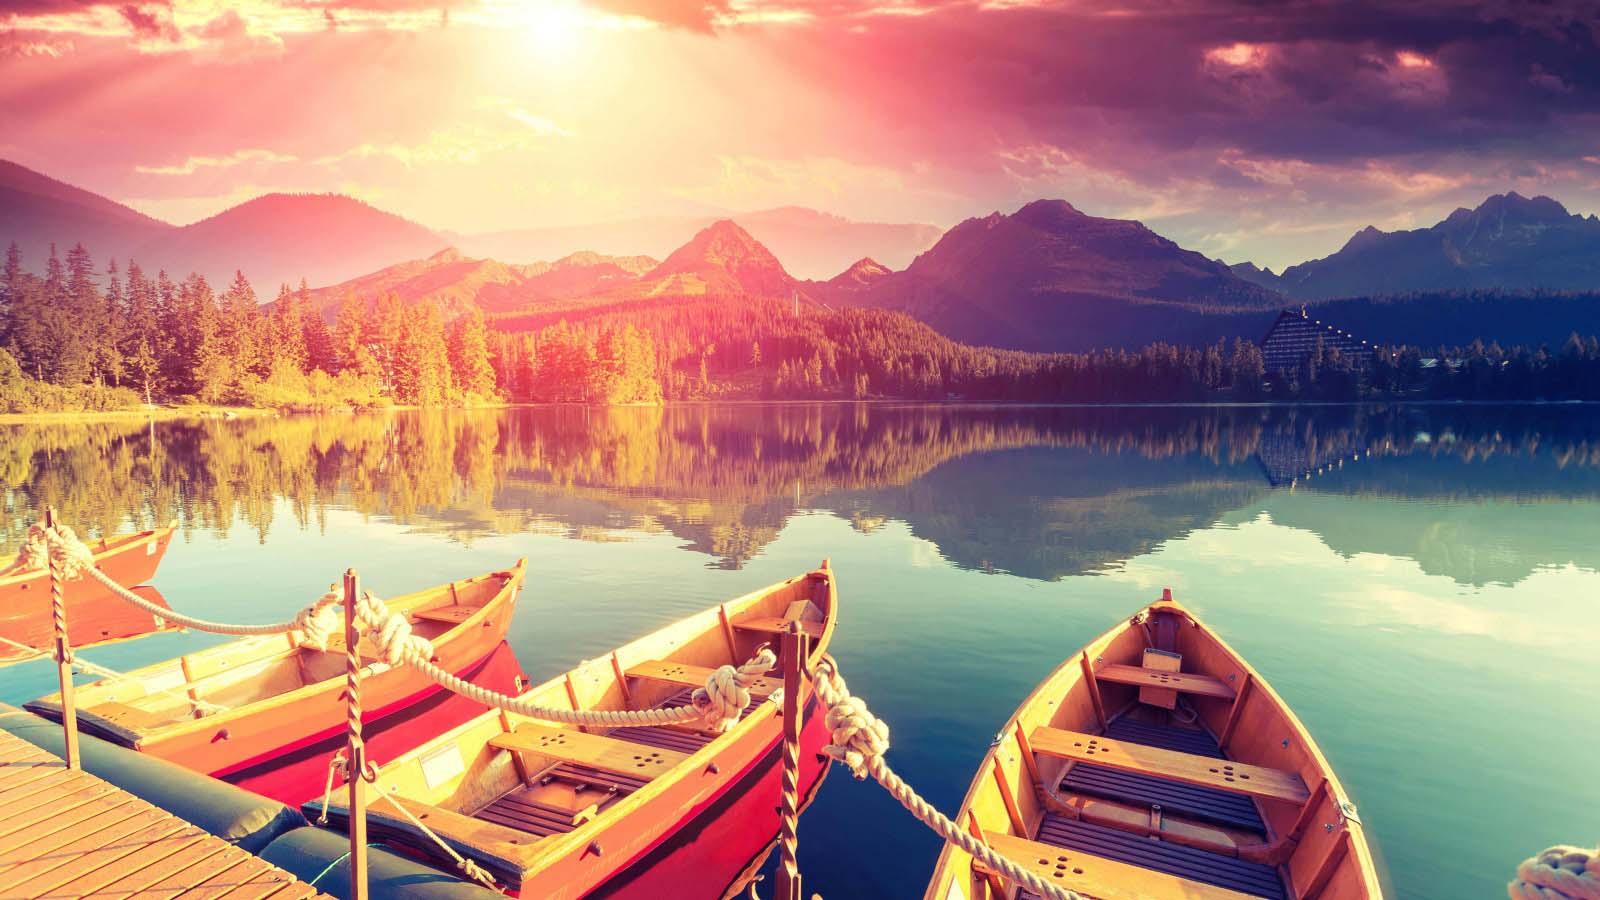 صور صور جميلة جدا , خلفيات رائعة الجمال